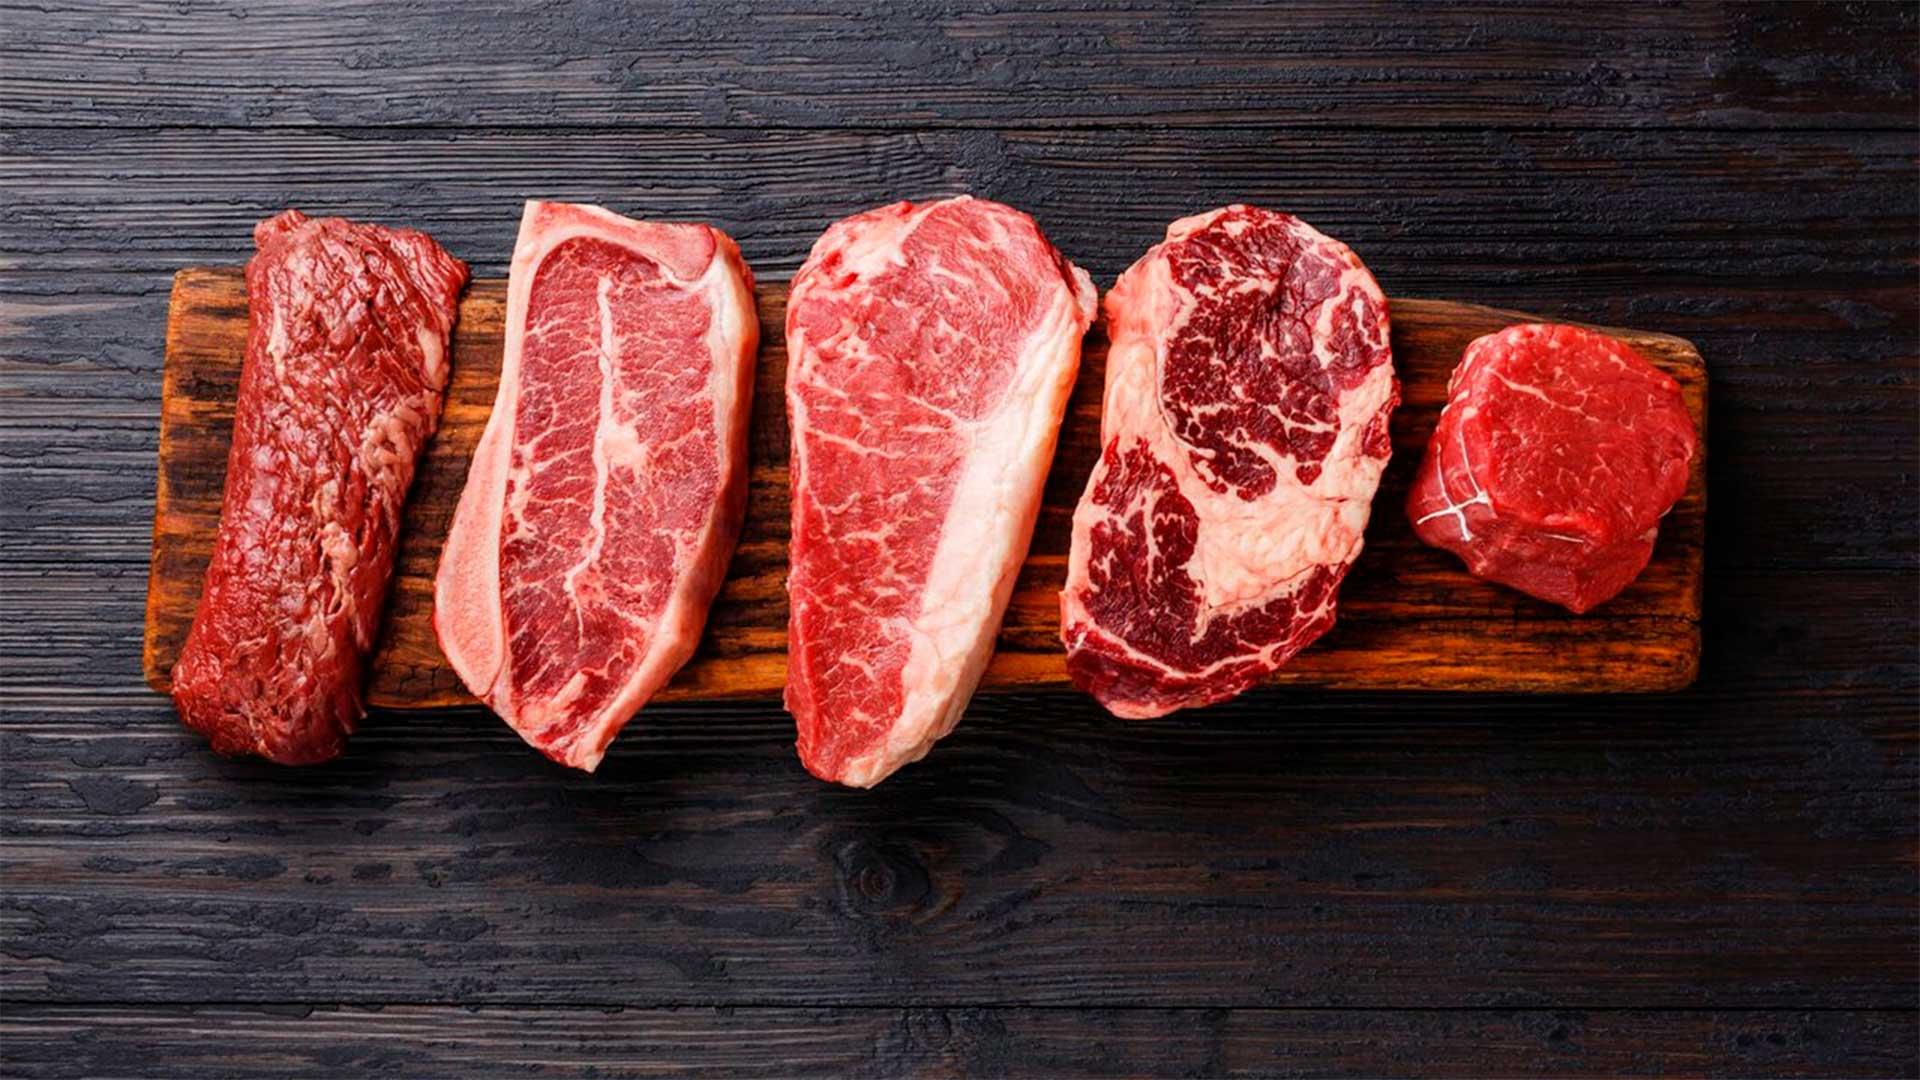 Aculturació dietètica i petjada de carboni